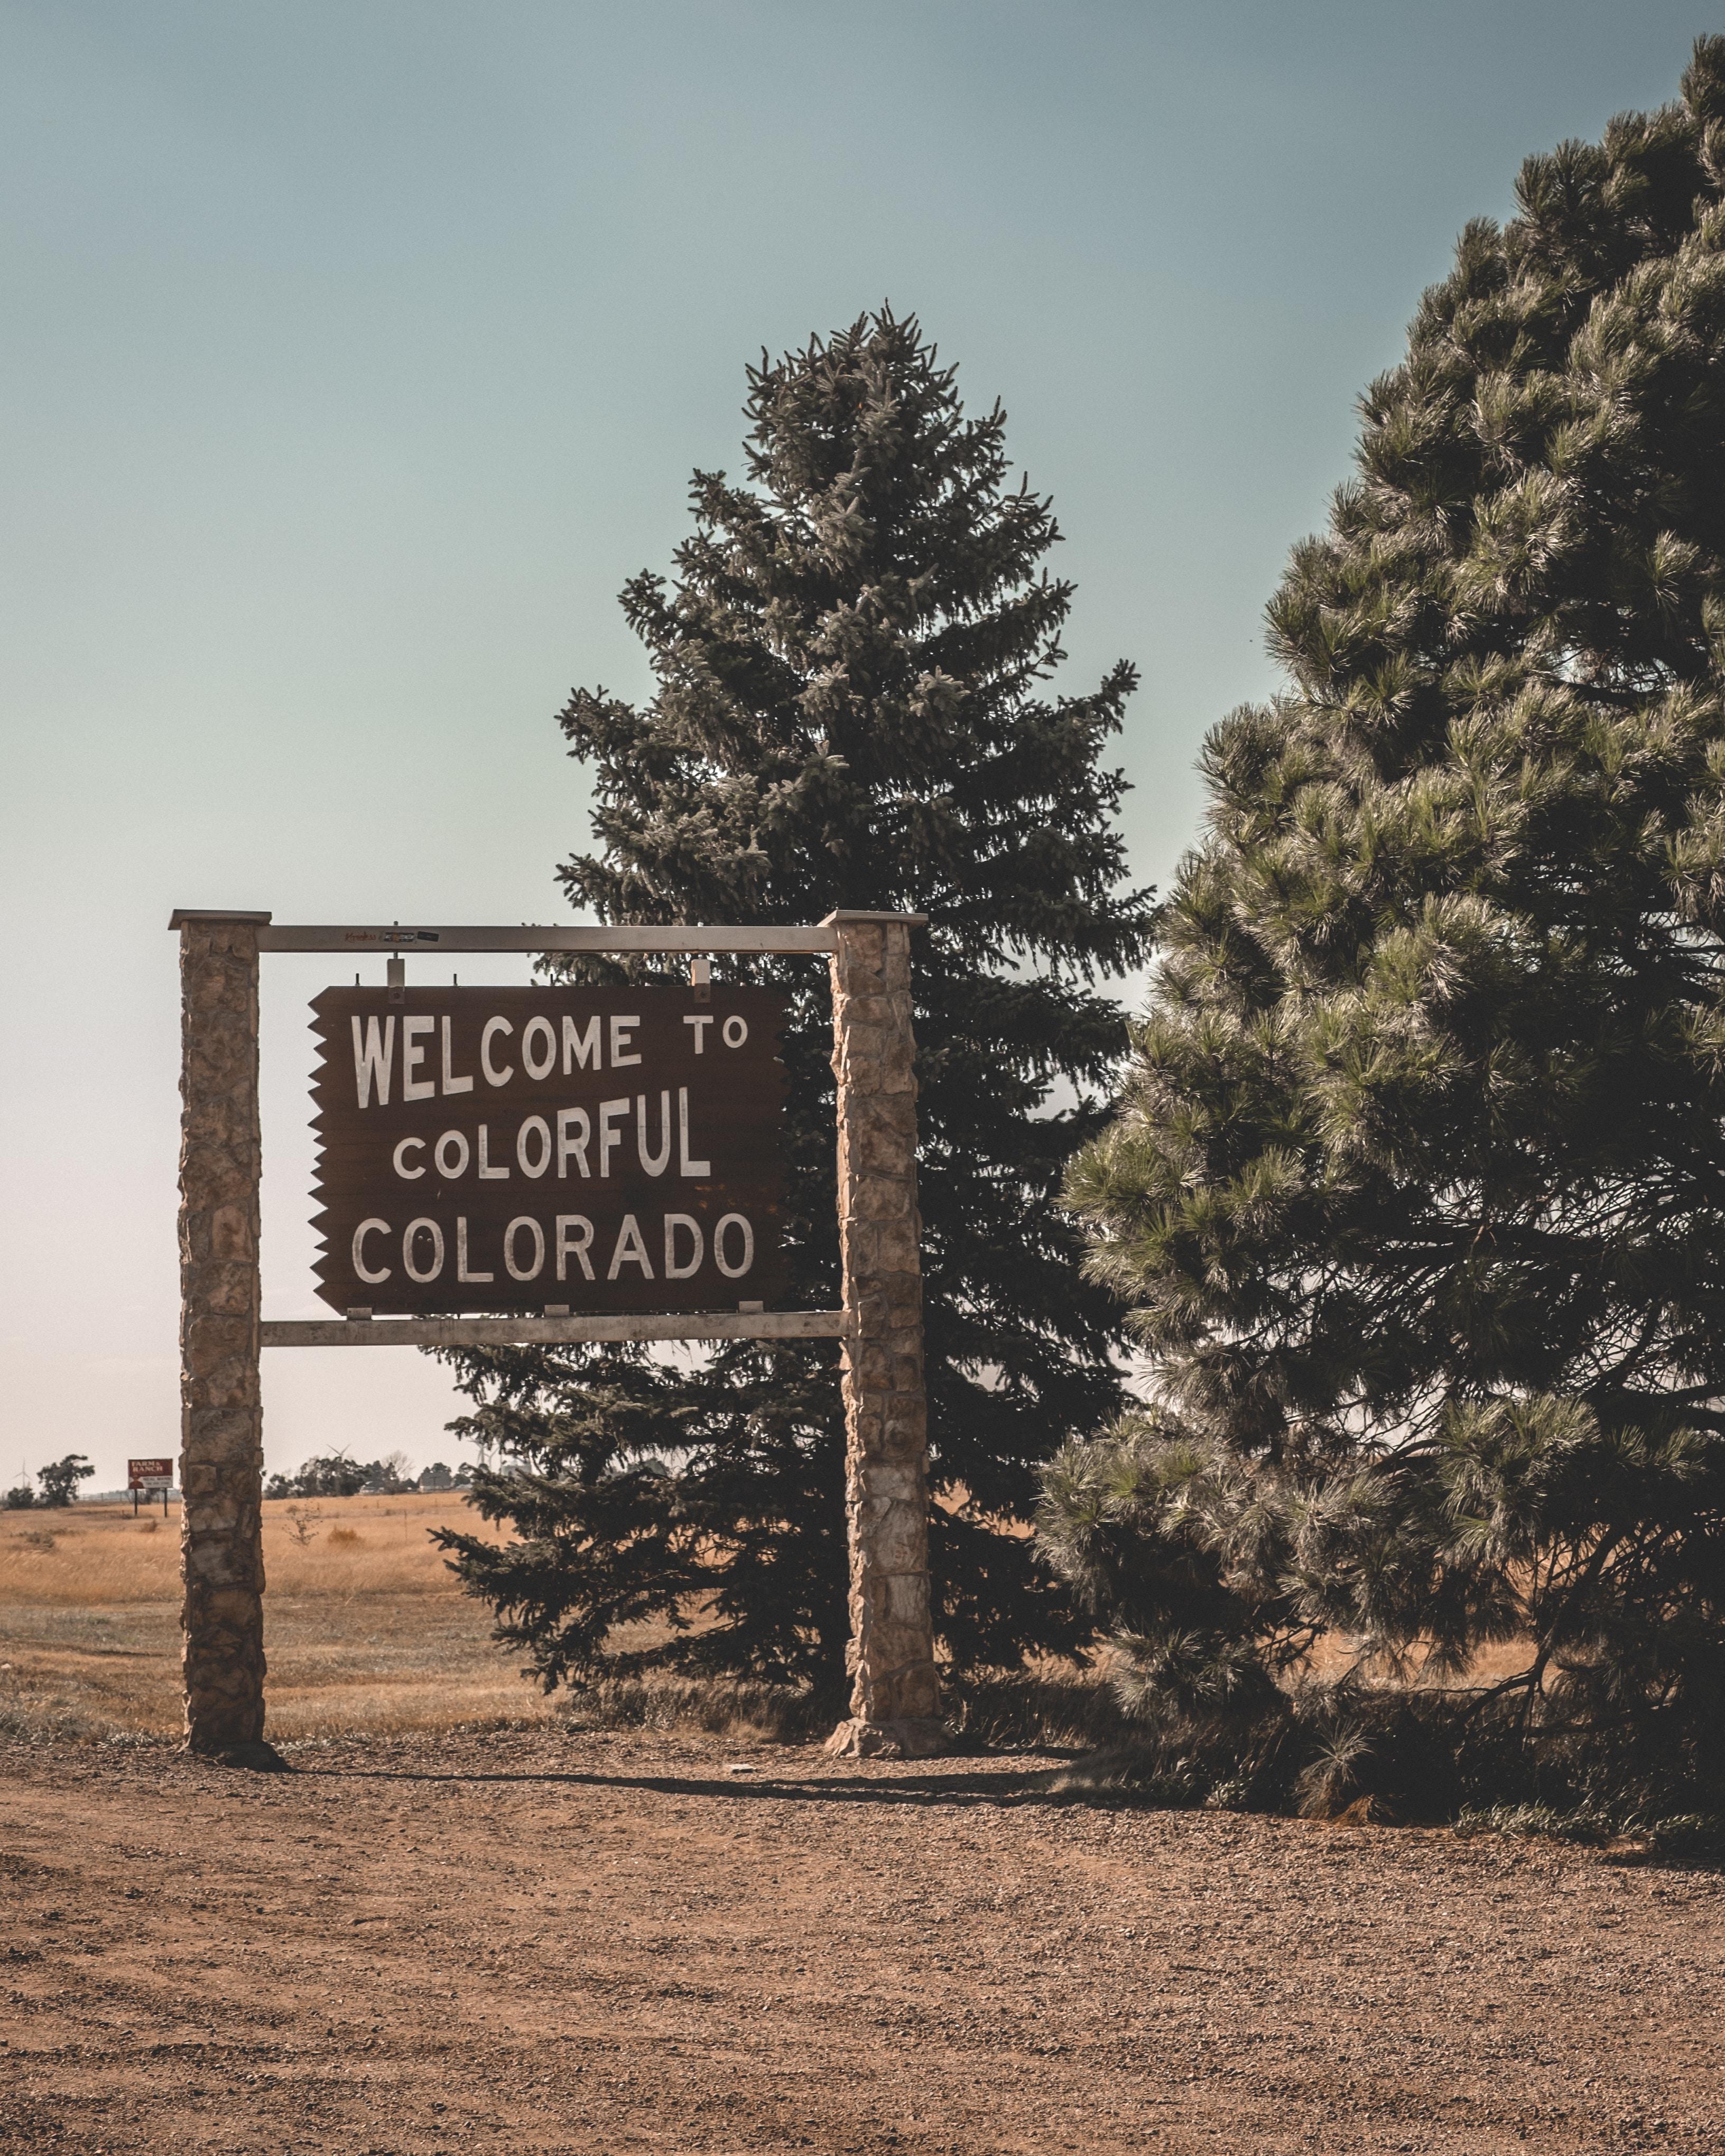 Runner Troy